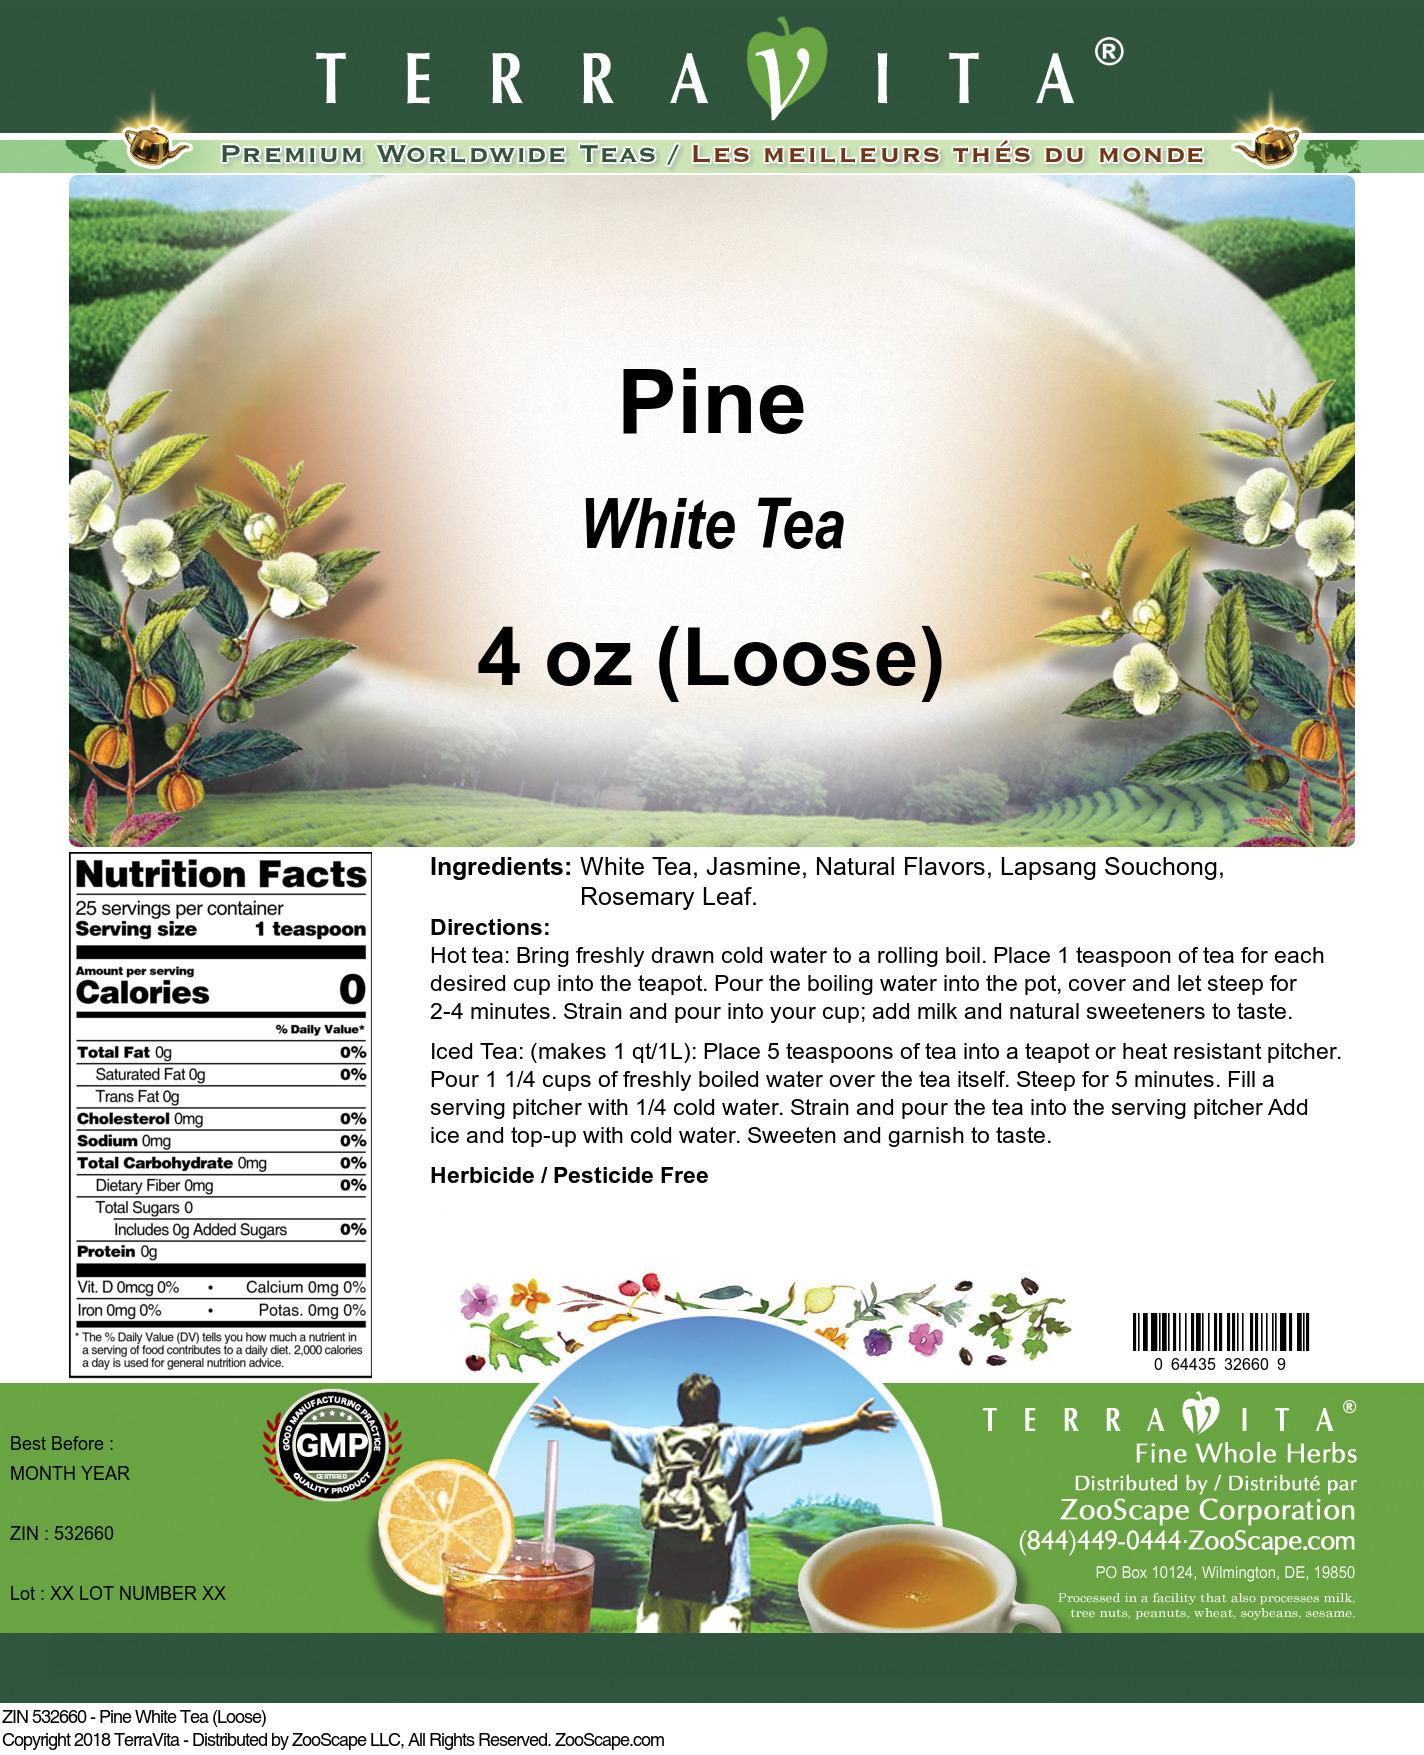 Pine White Tea